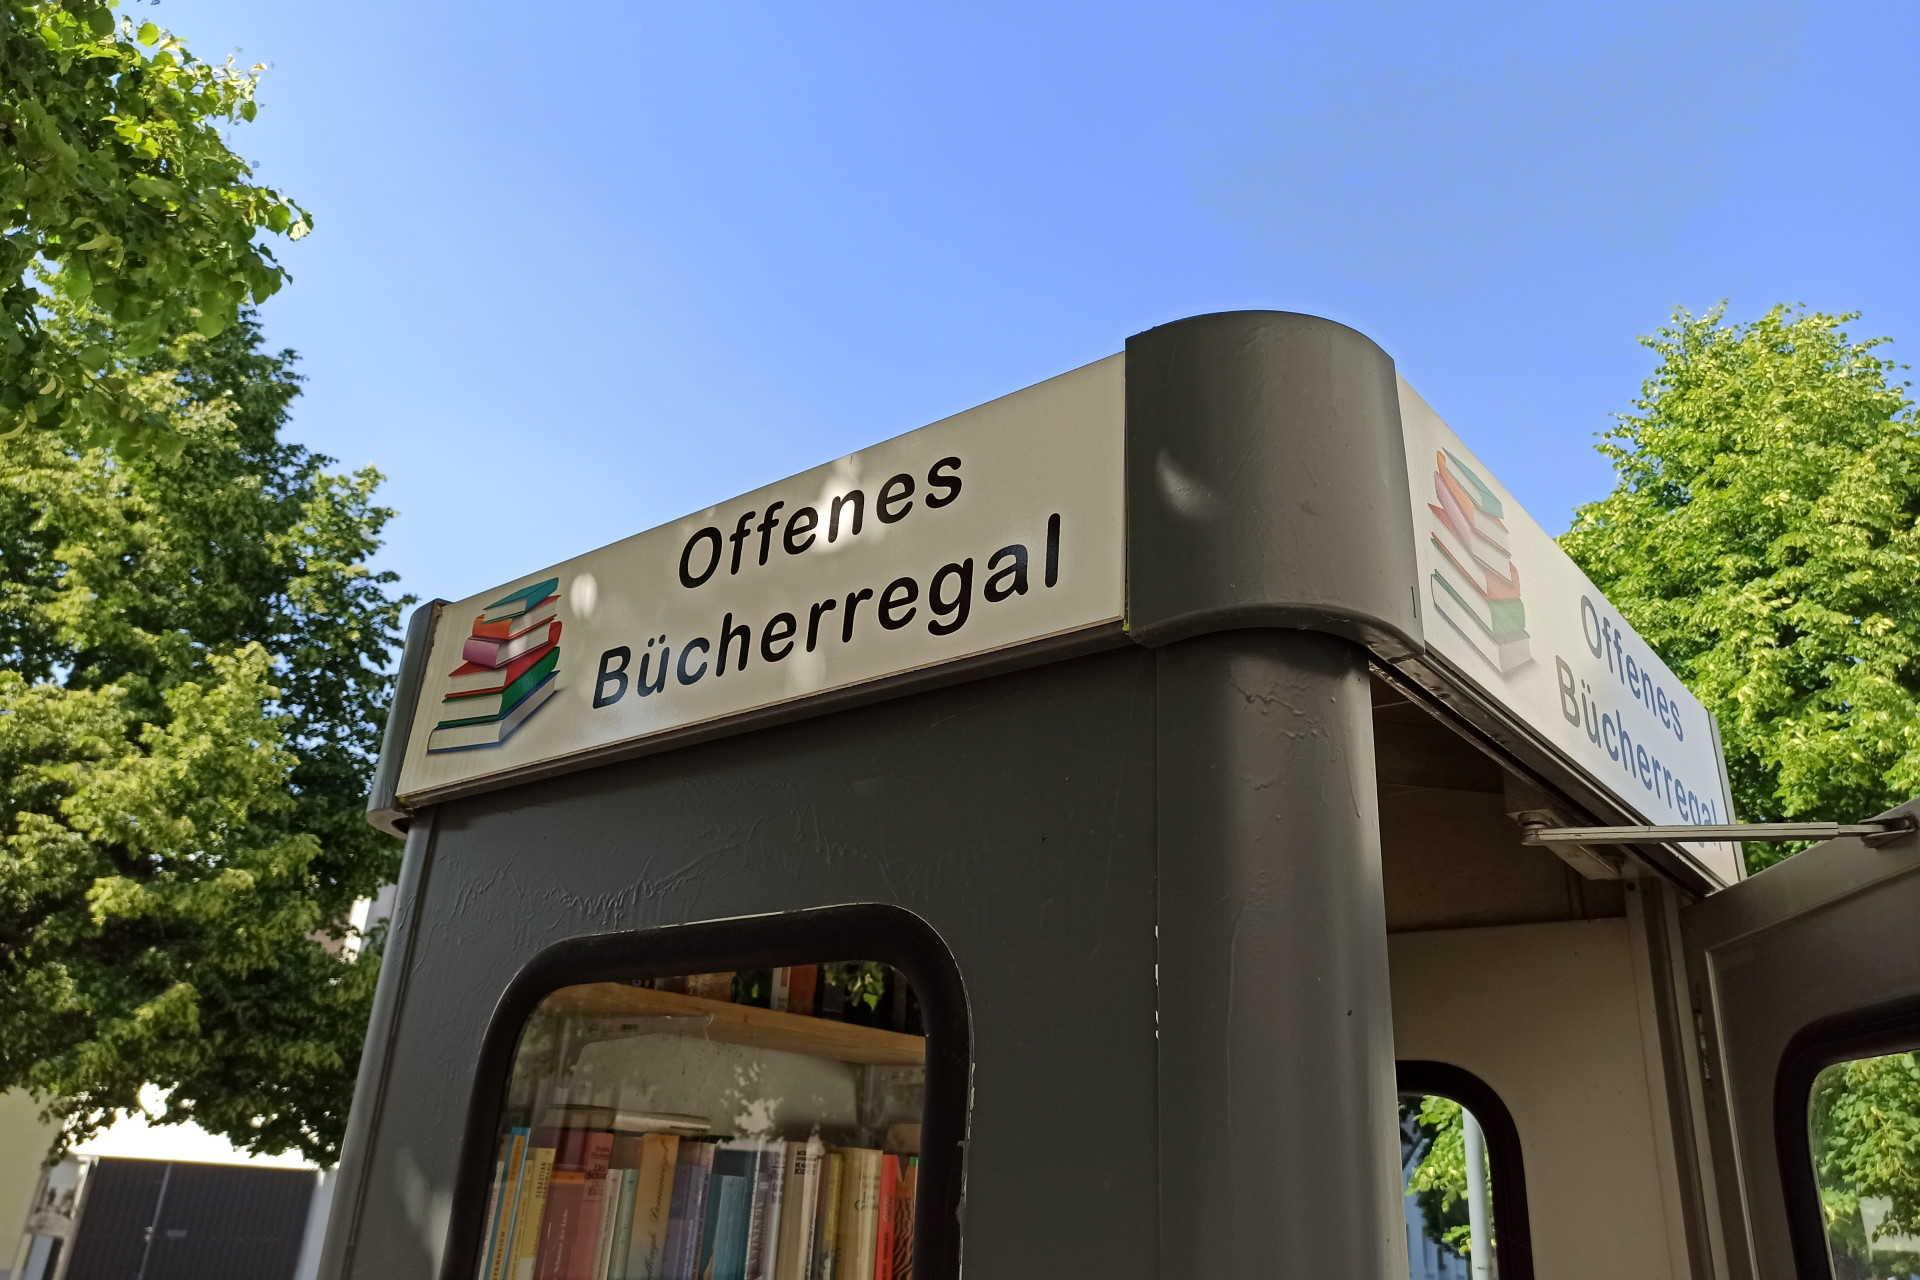 Offenes Bücherregal Schattendorf